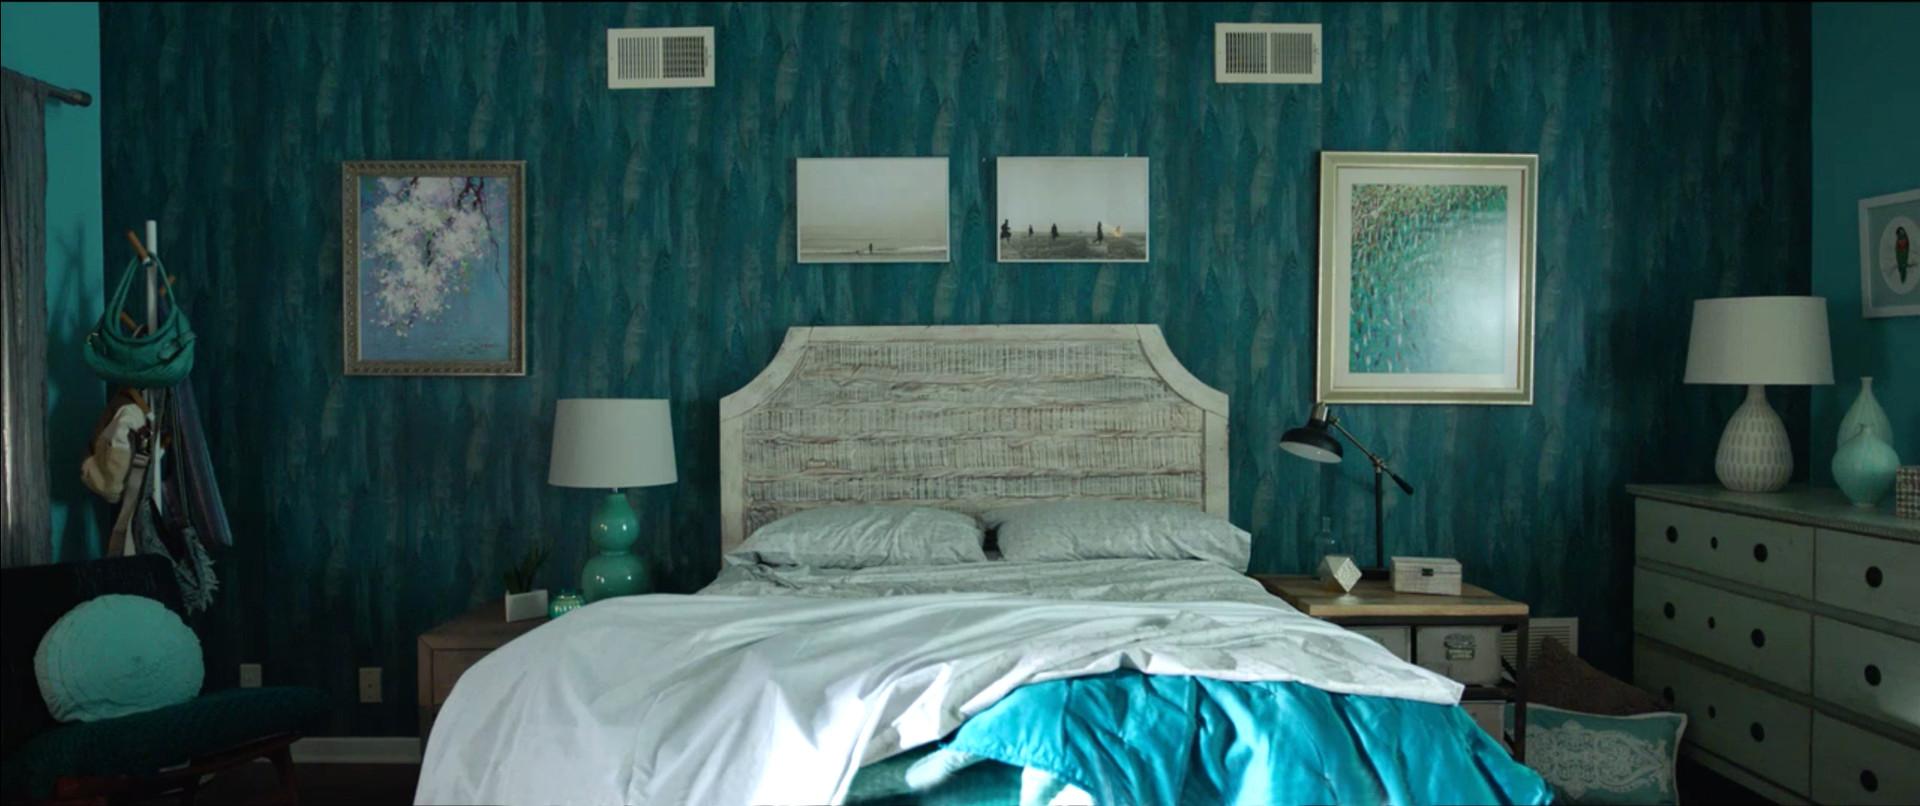 bedroom p4 copy.jpg